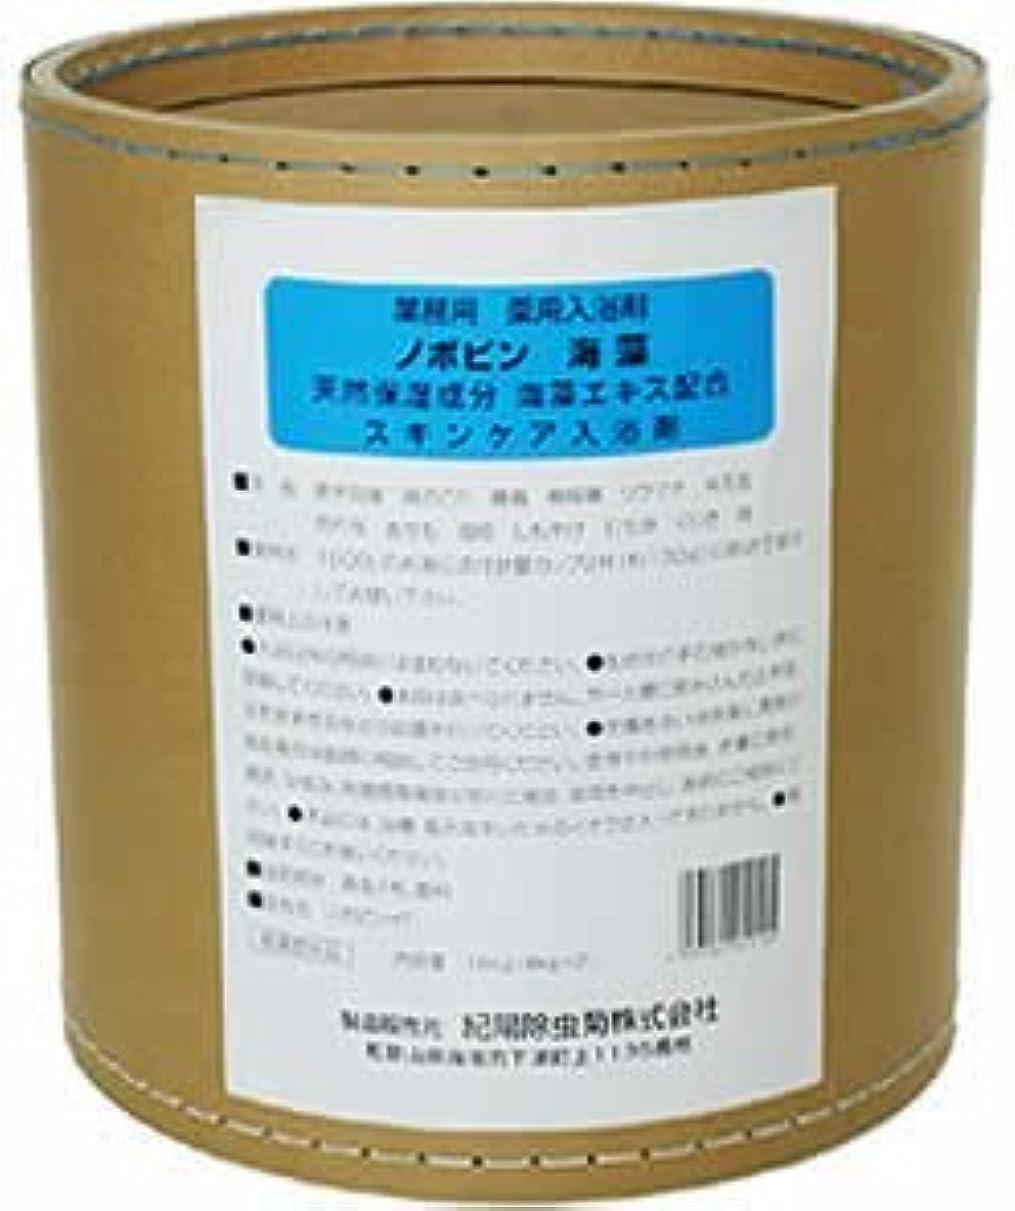 姿を消す大使ストッキング業務用 入浴剤 ノボピン 海藻 16kg(8kg*2)